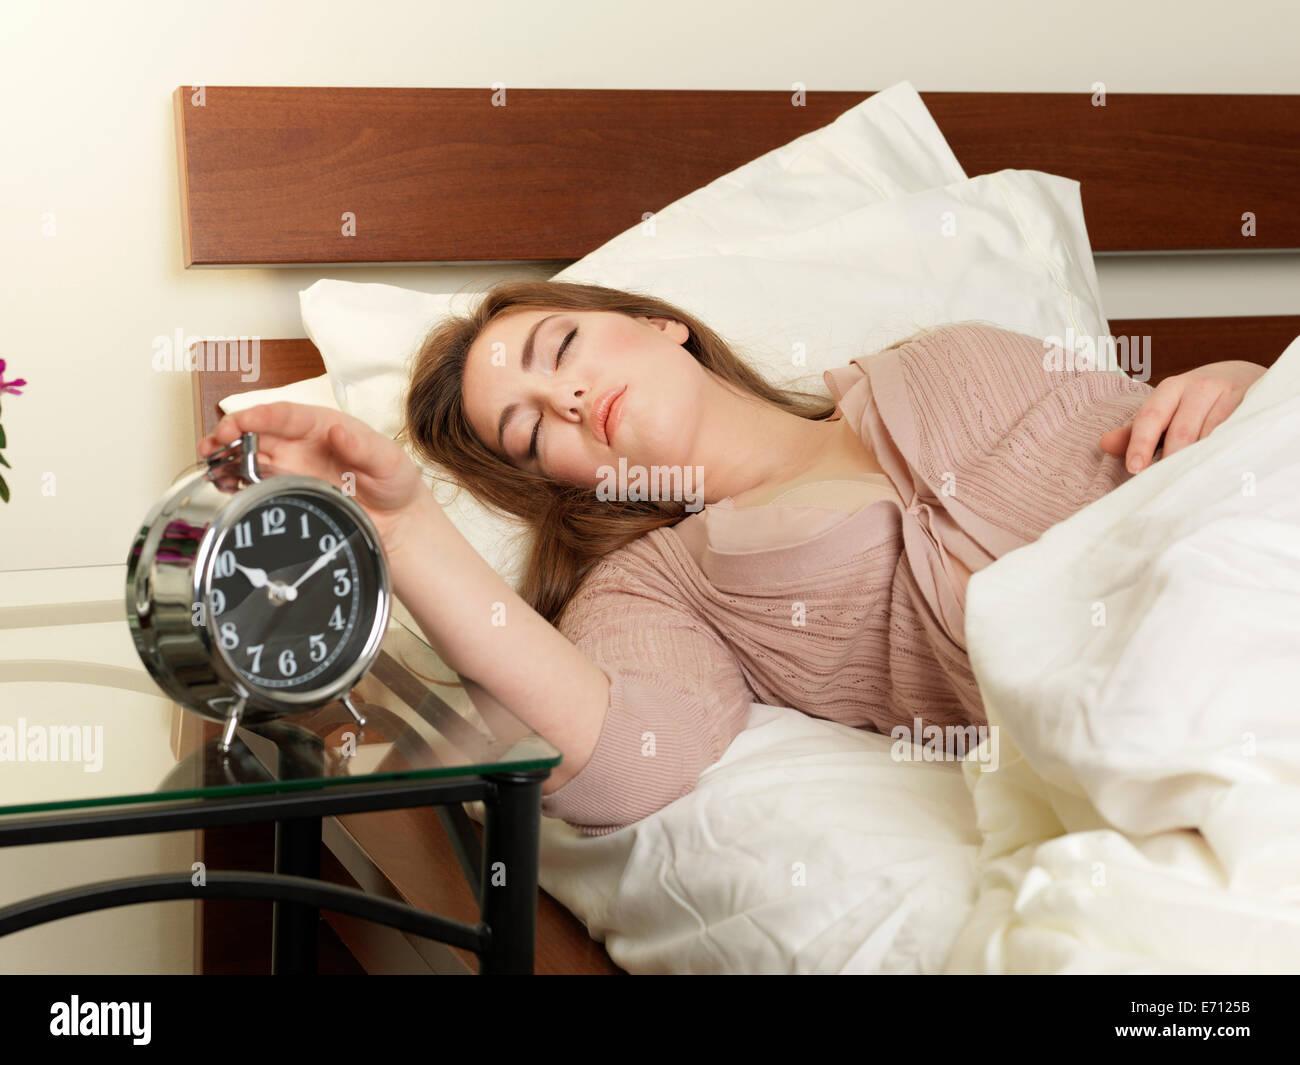 Verträumte junge Frau Wecker aus dem Bett ausschalten Stockbild